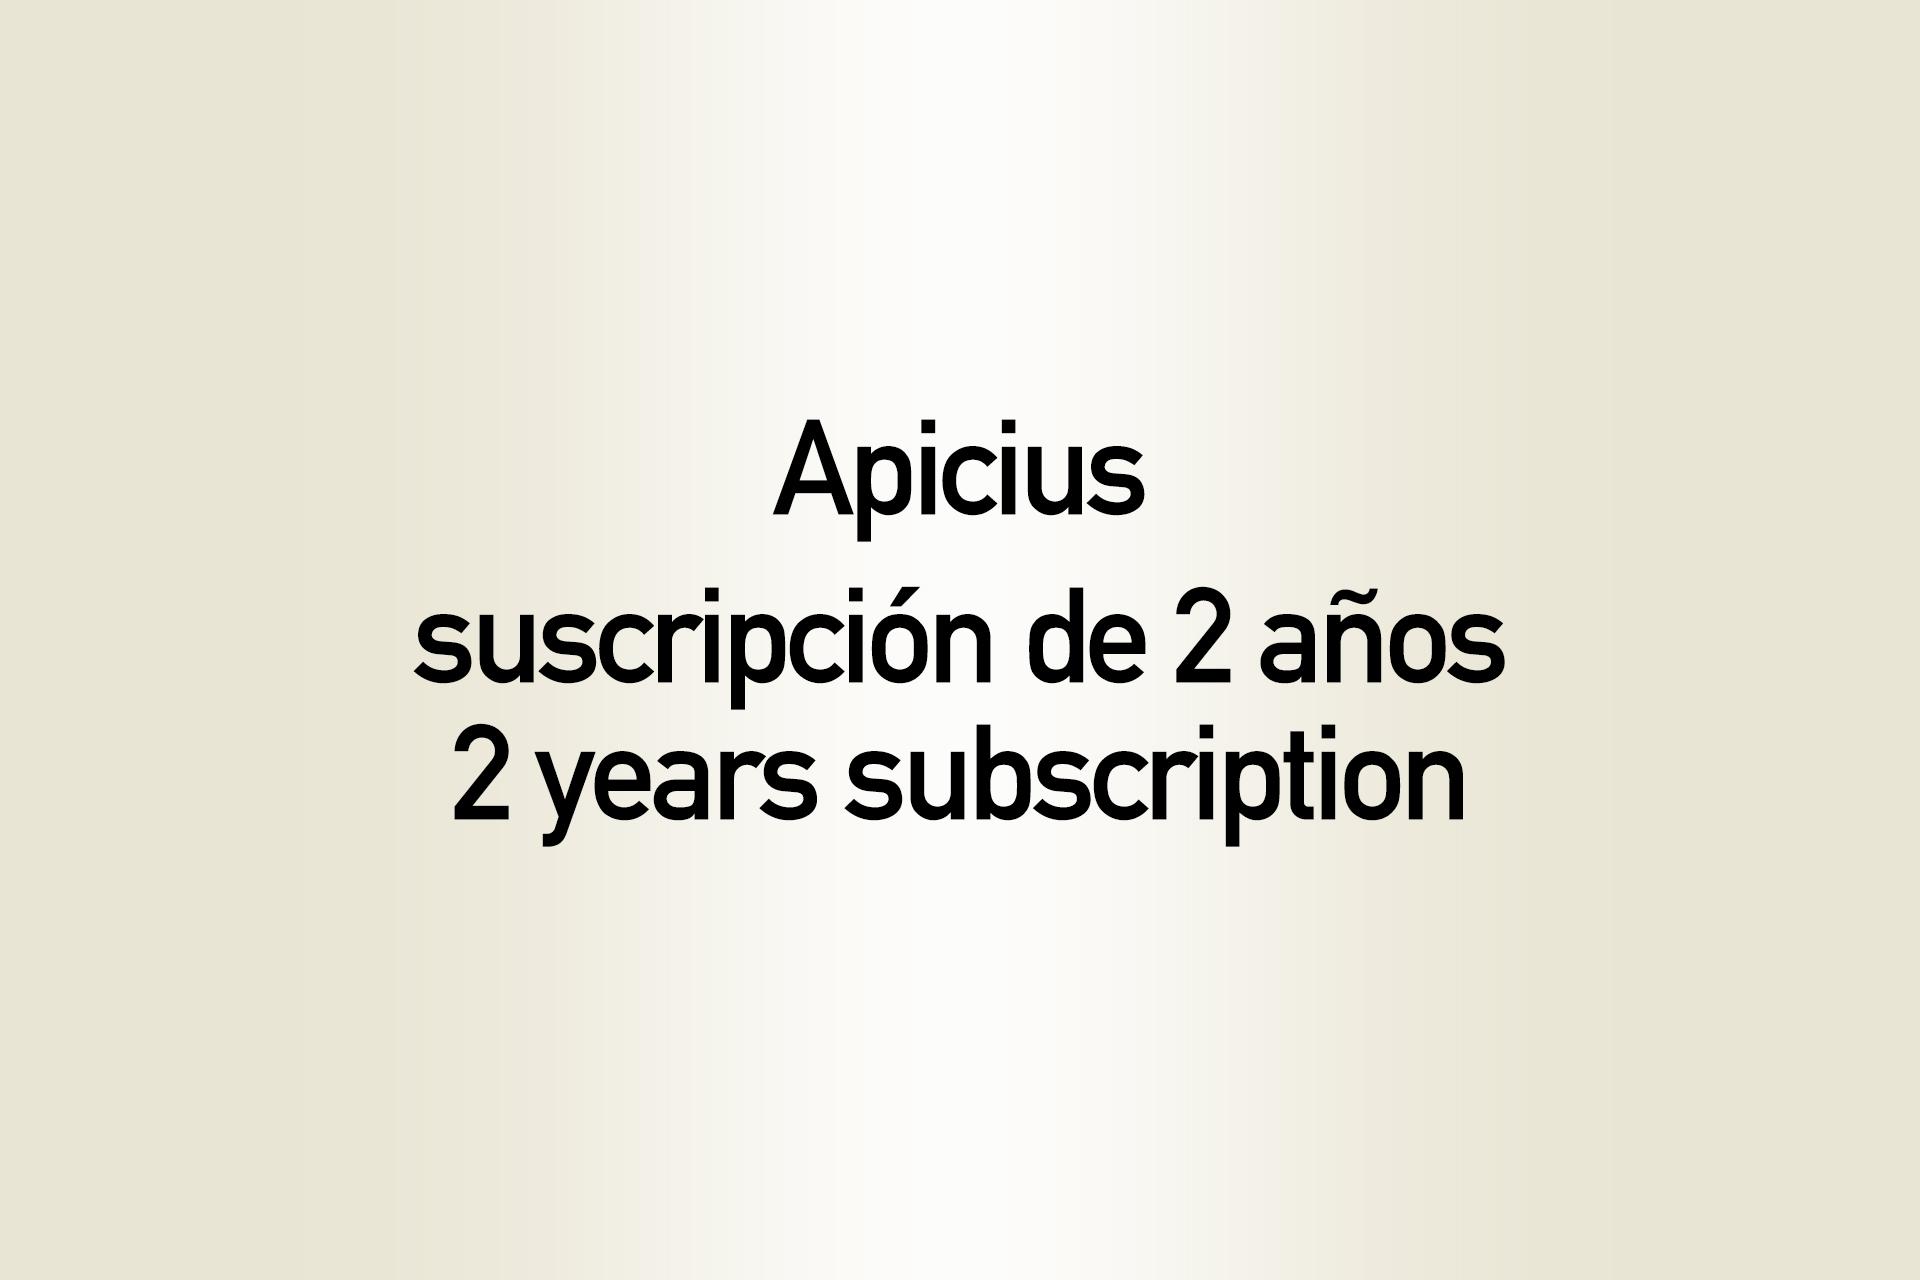 APICIUS_sus2_es-2